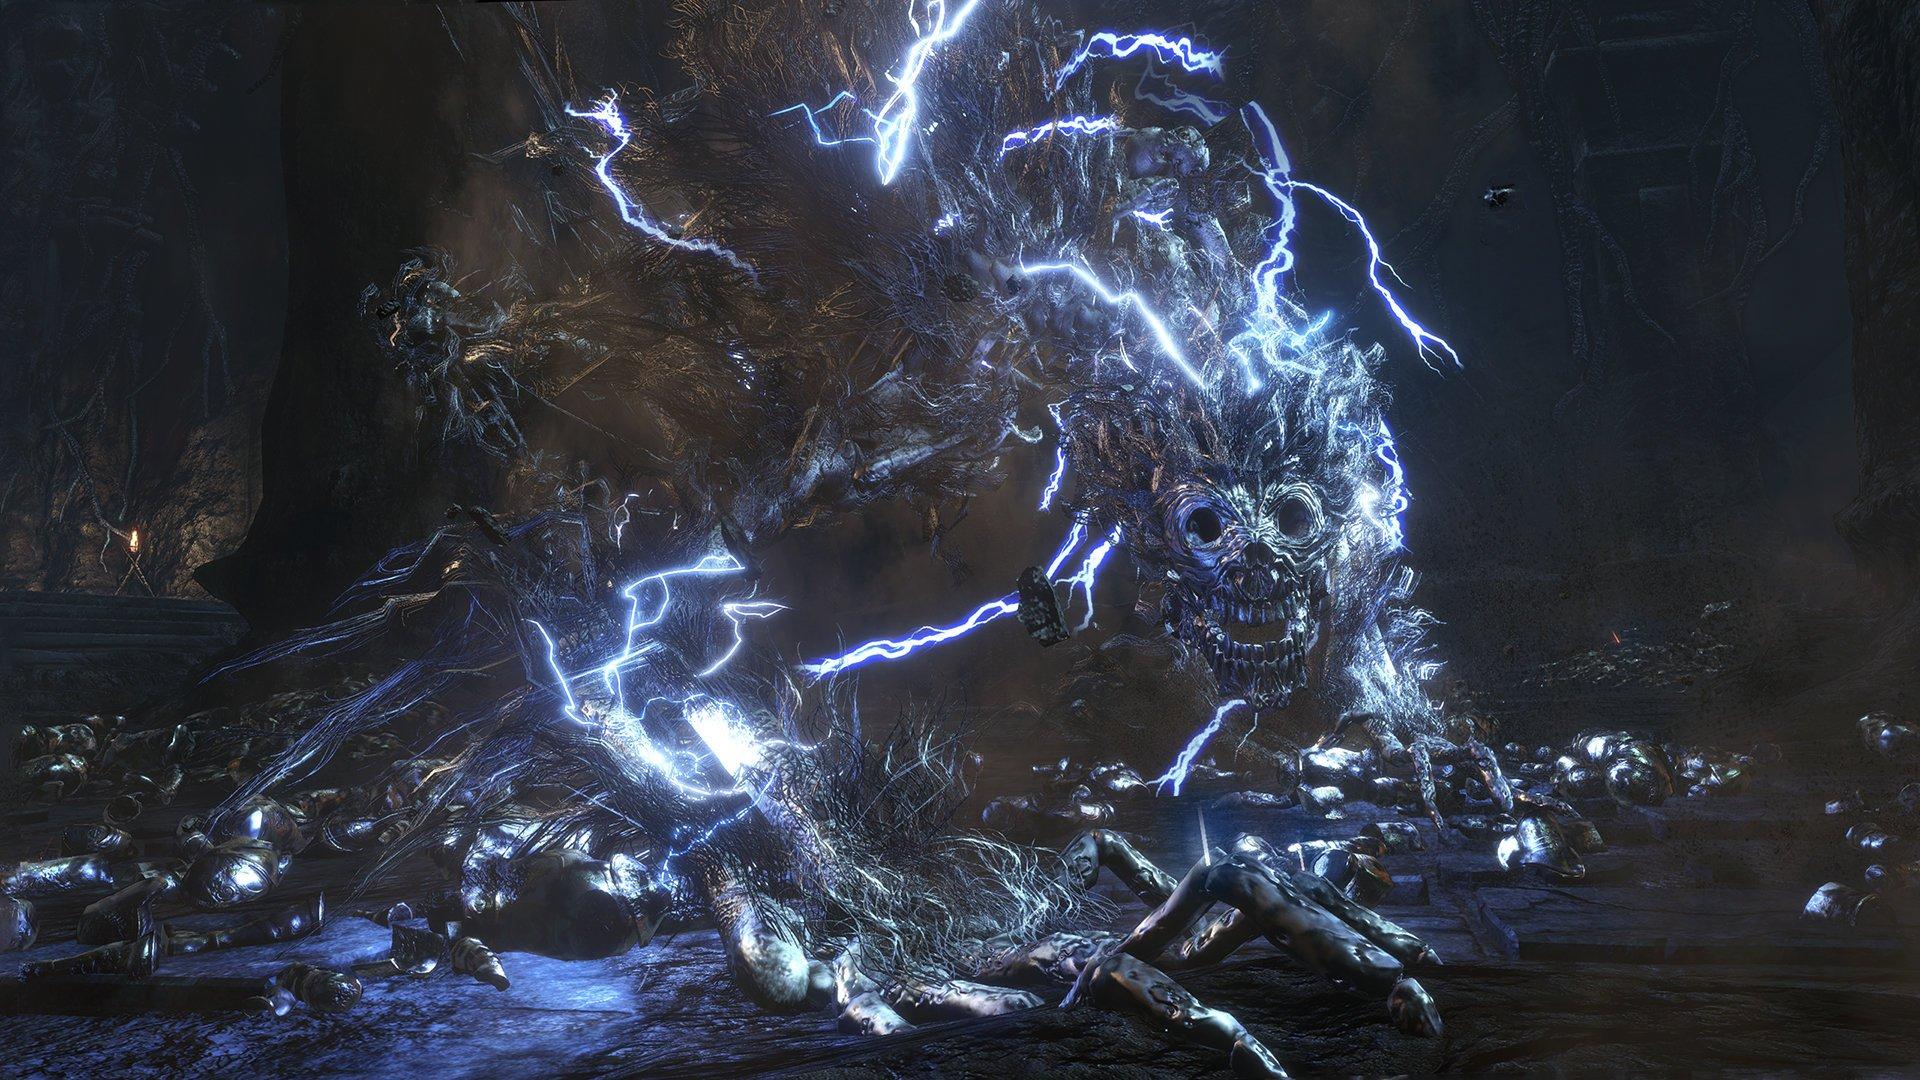 Bloodborne : мерзкие  твари и немного слов о некоторых локациях. - Изображение 4